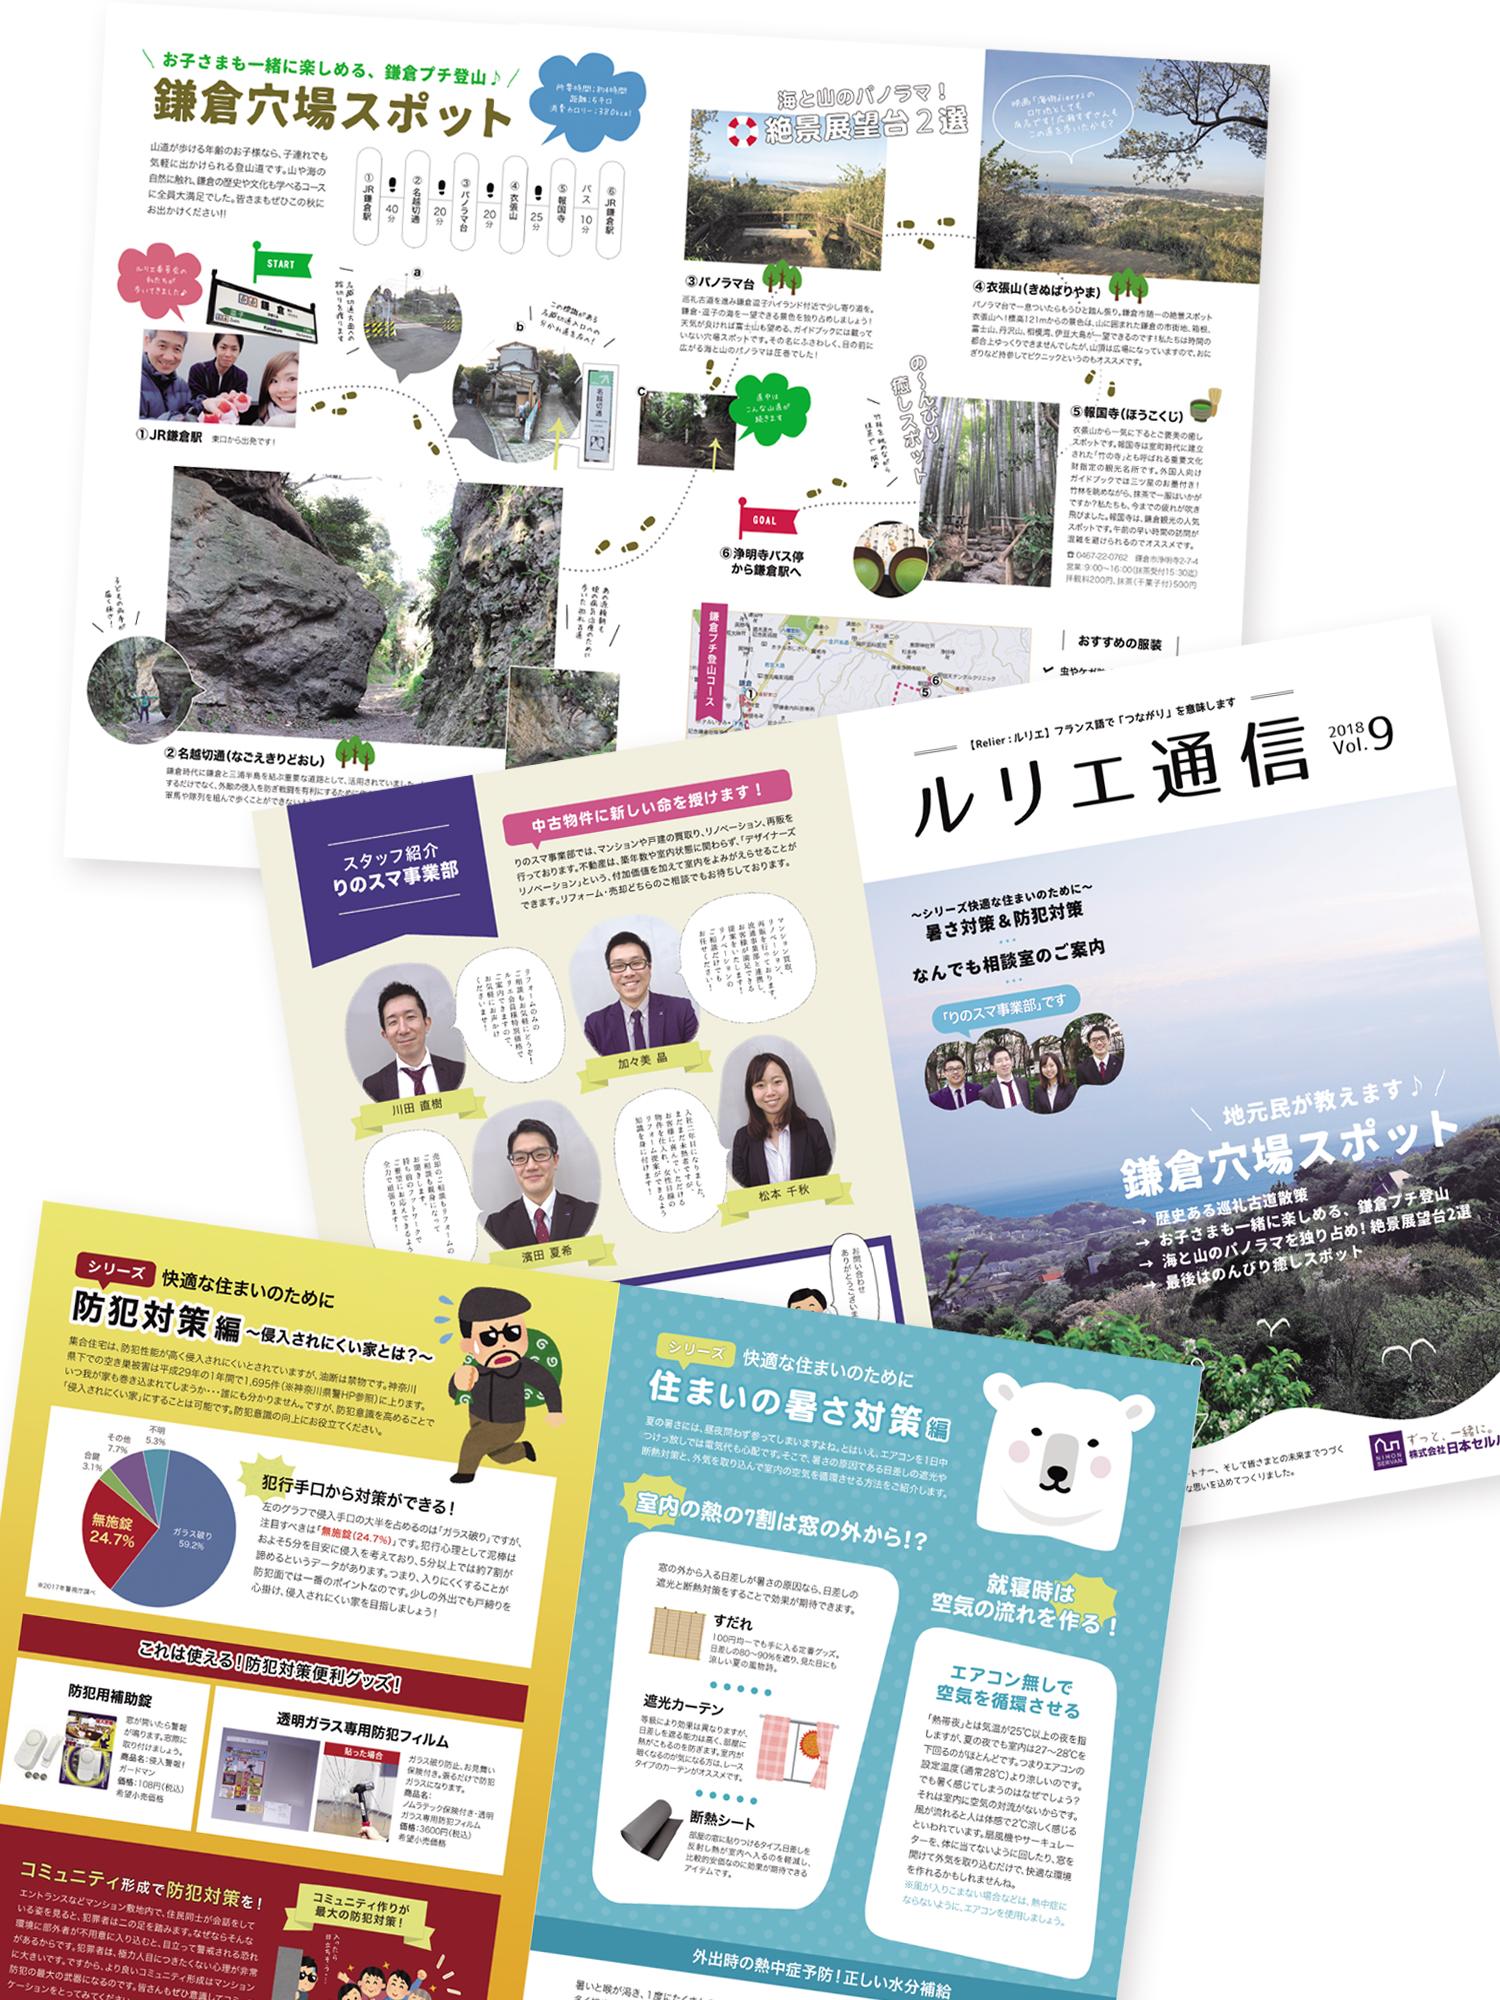 株式会社日本セルバンさまルリエ通信vol.9